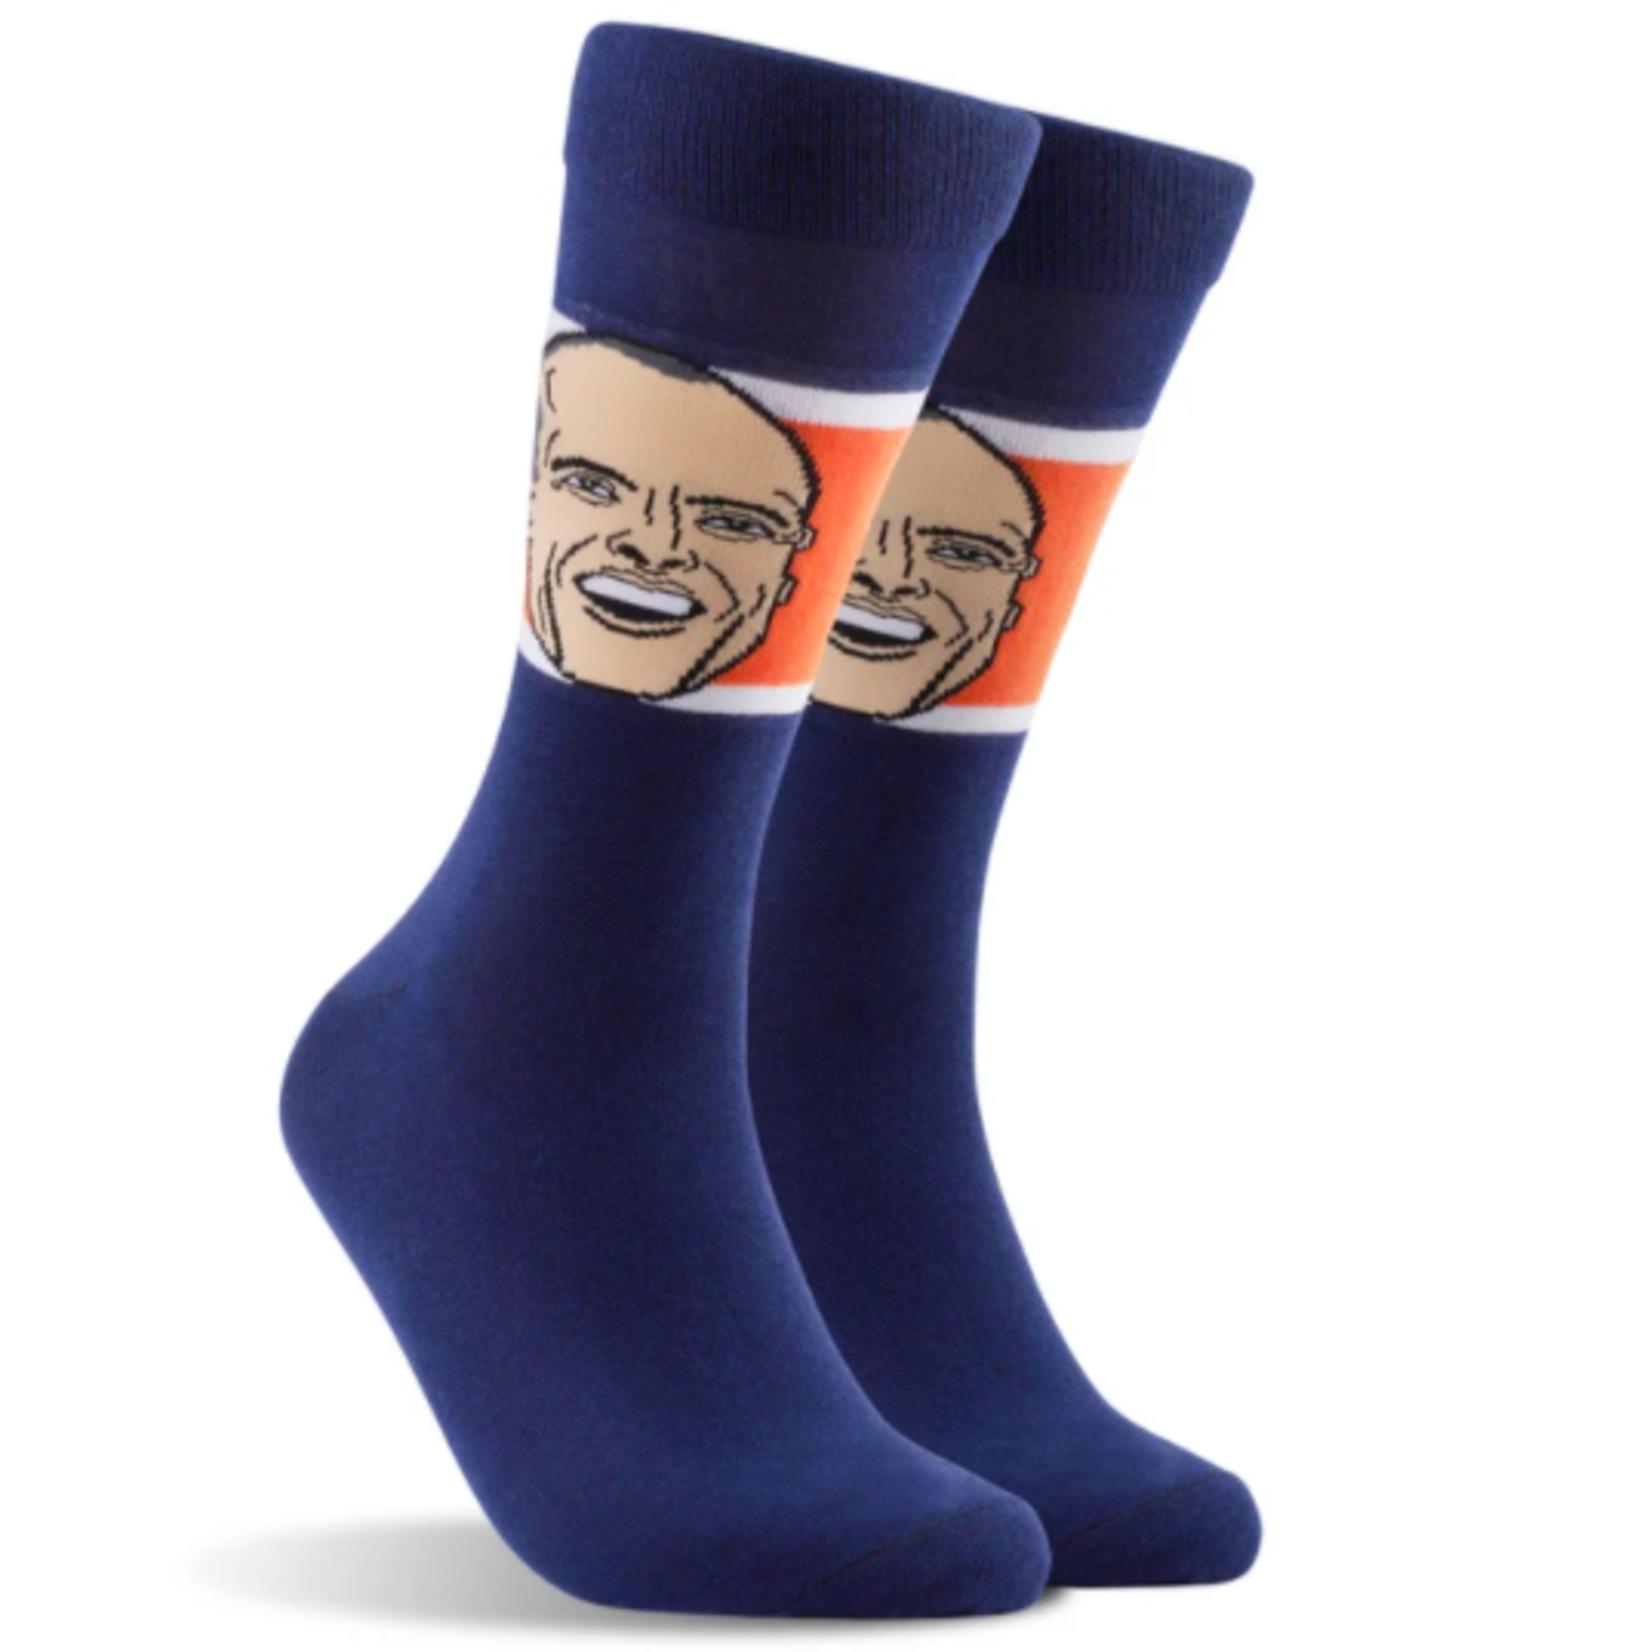 Major League Socks - Mark Messier (Oilers)